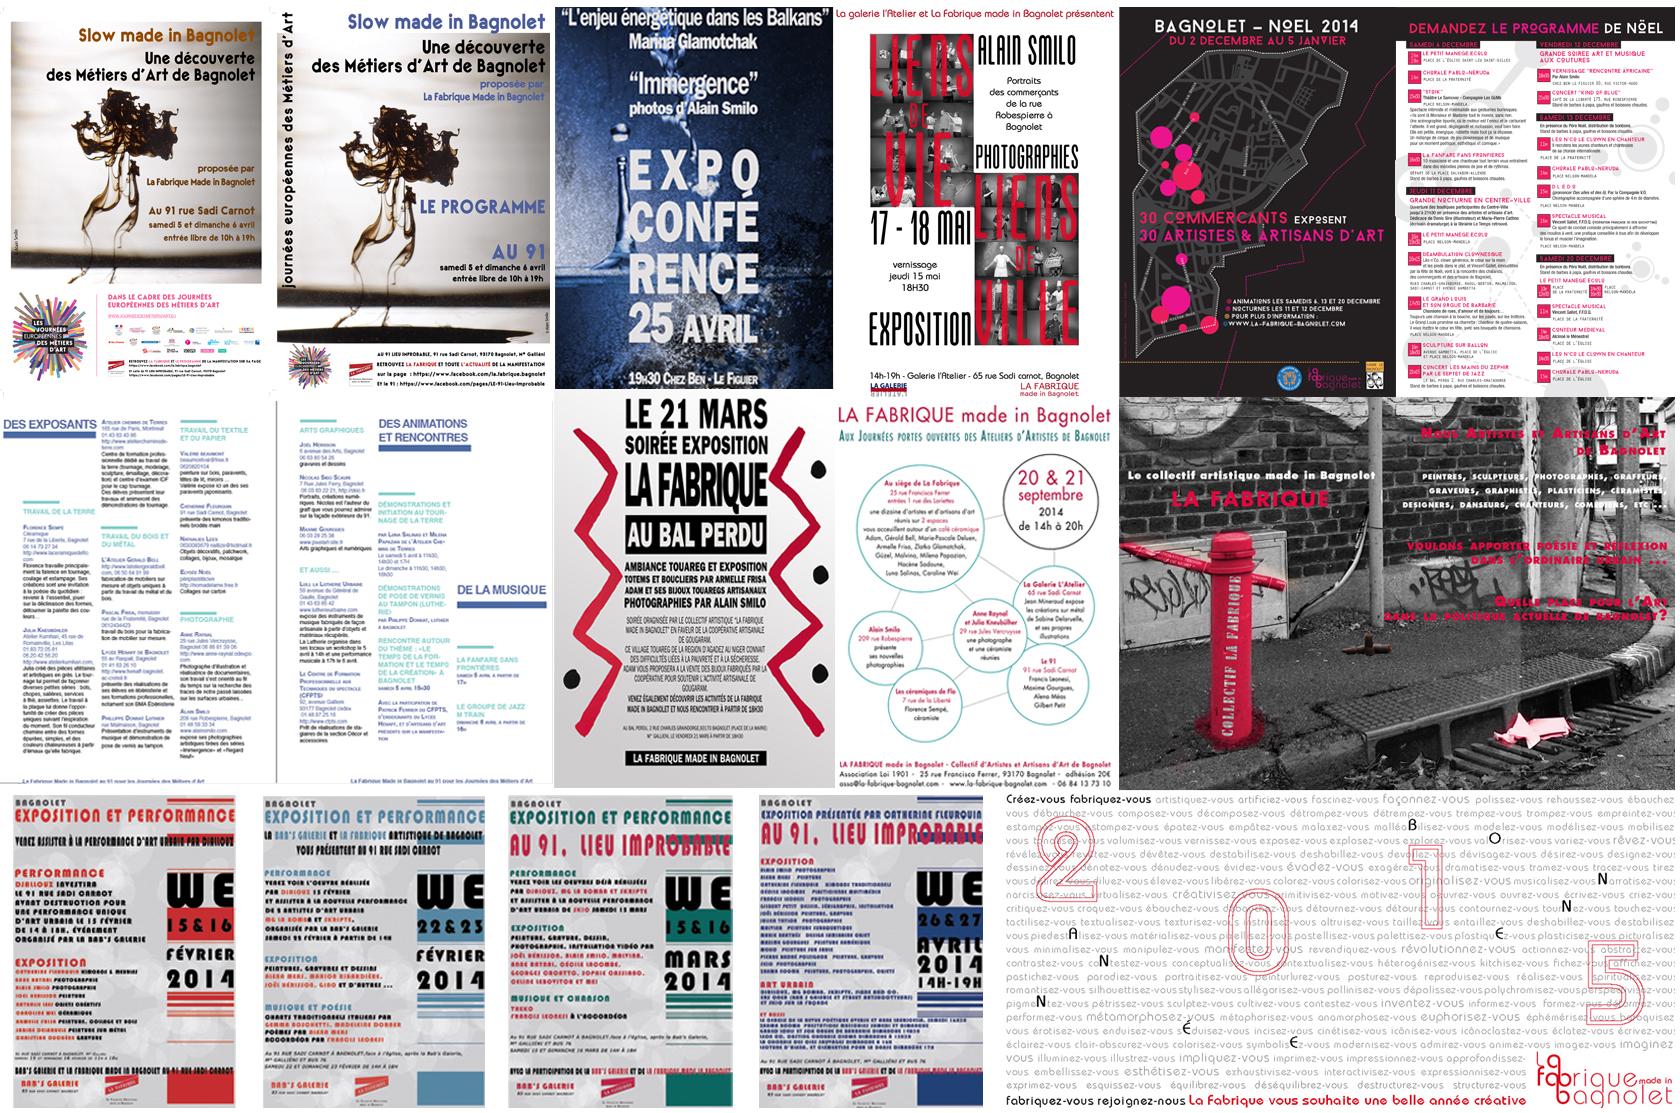 2014 : un an d'événements artistiques avec La Fabrique